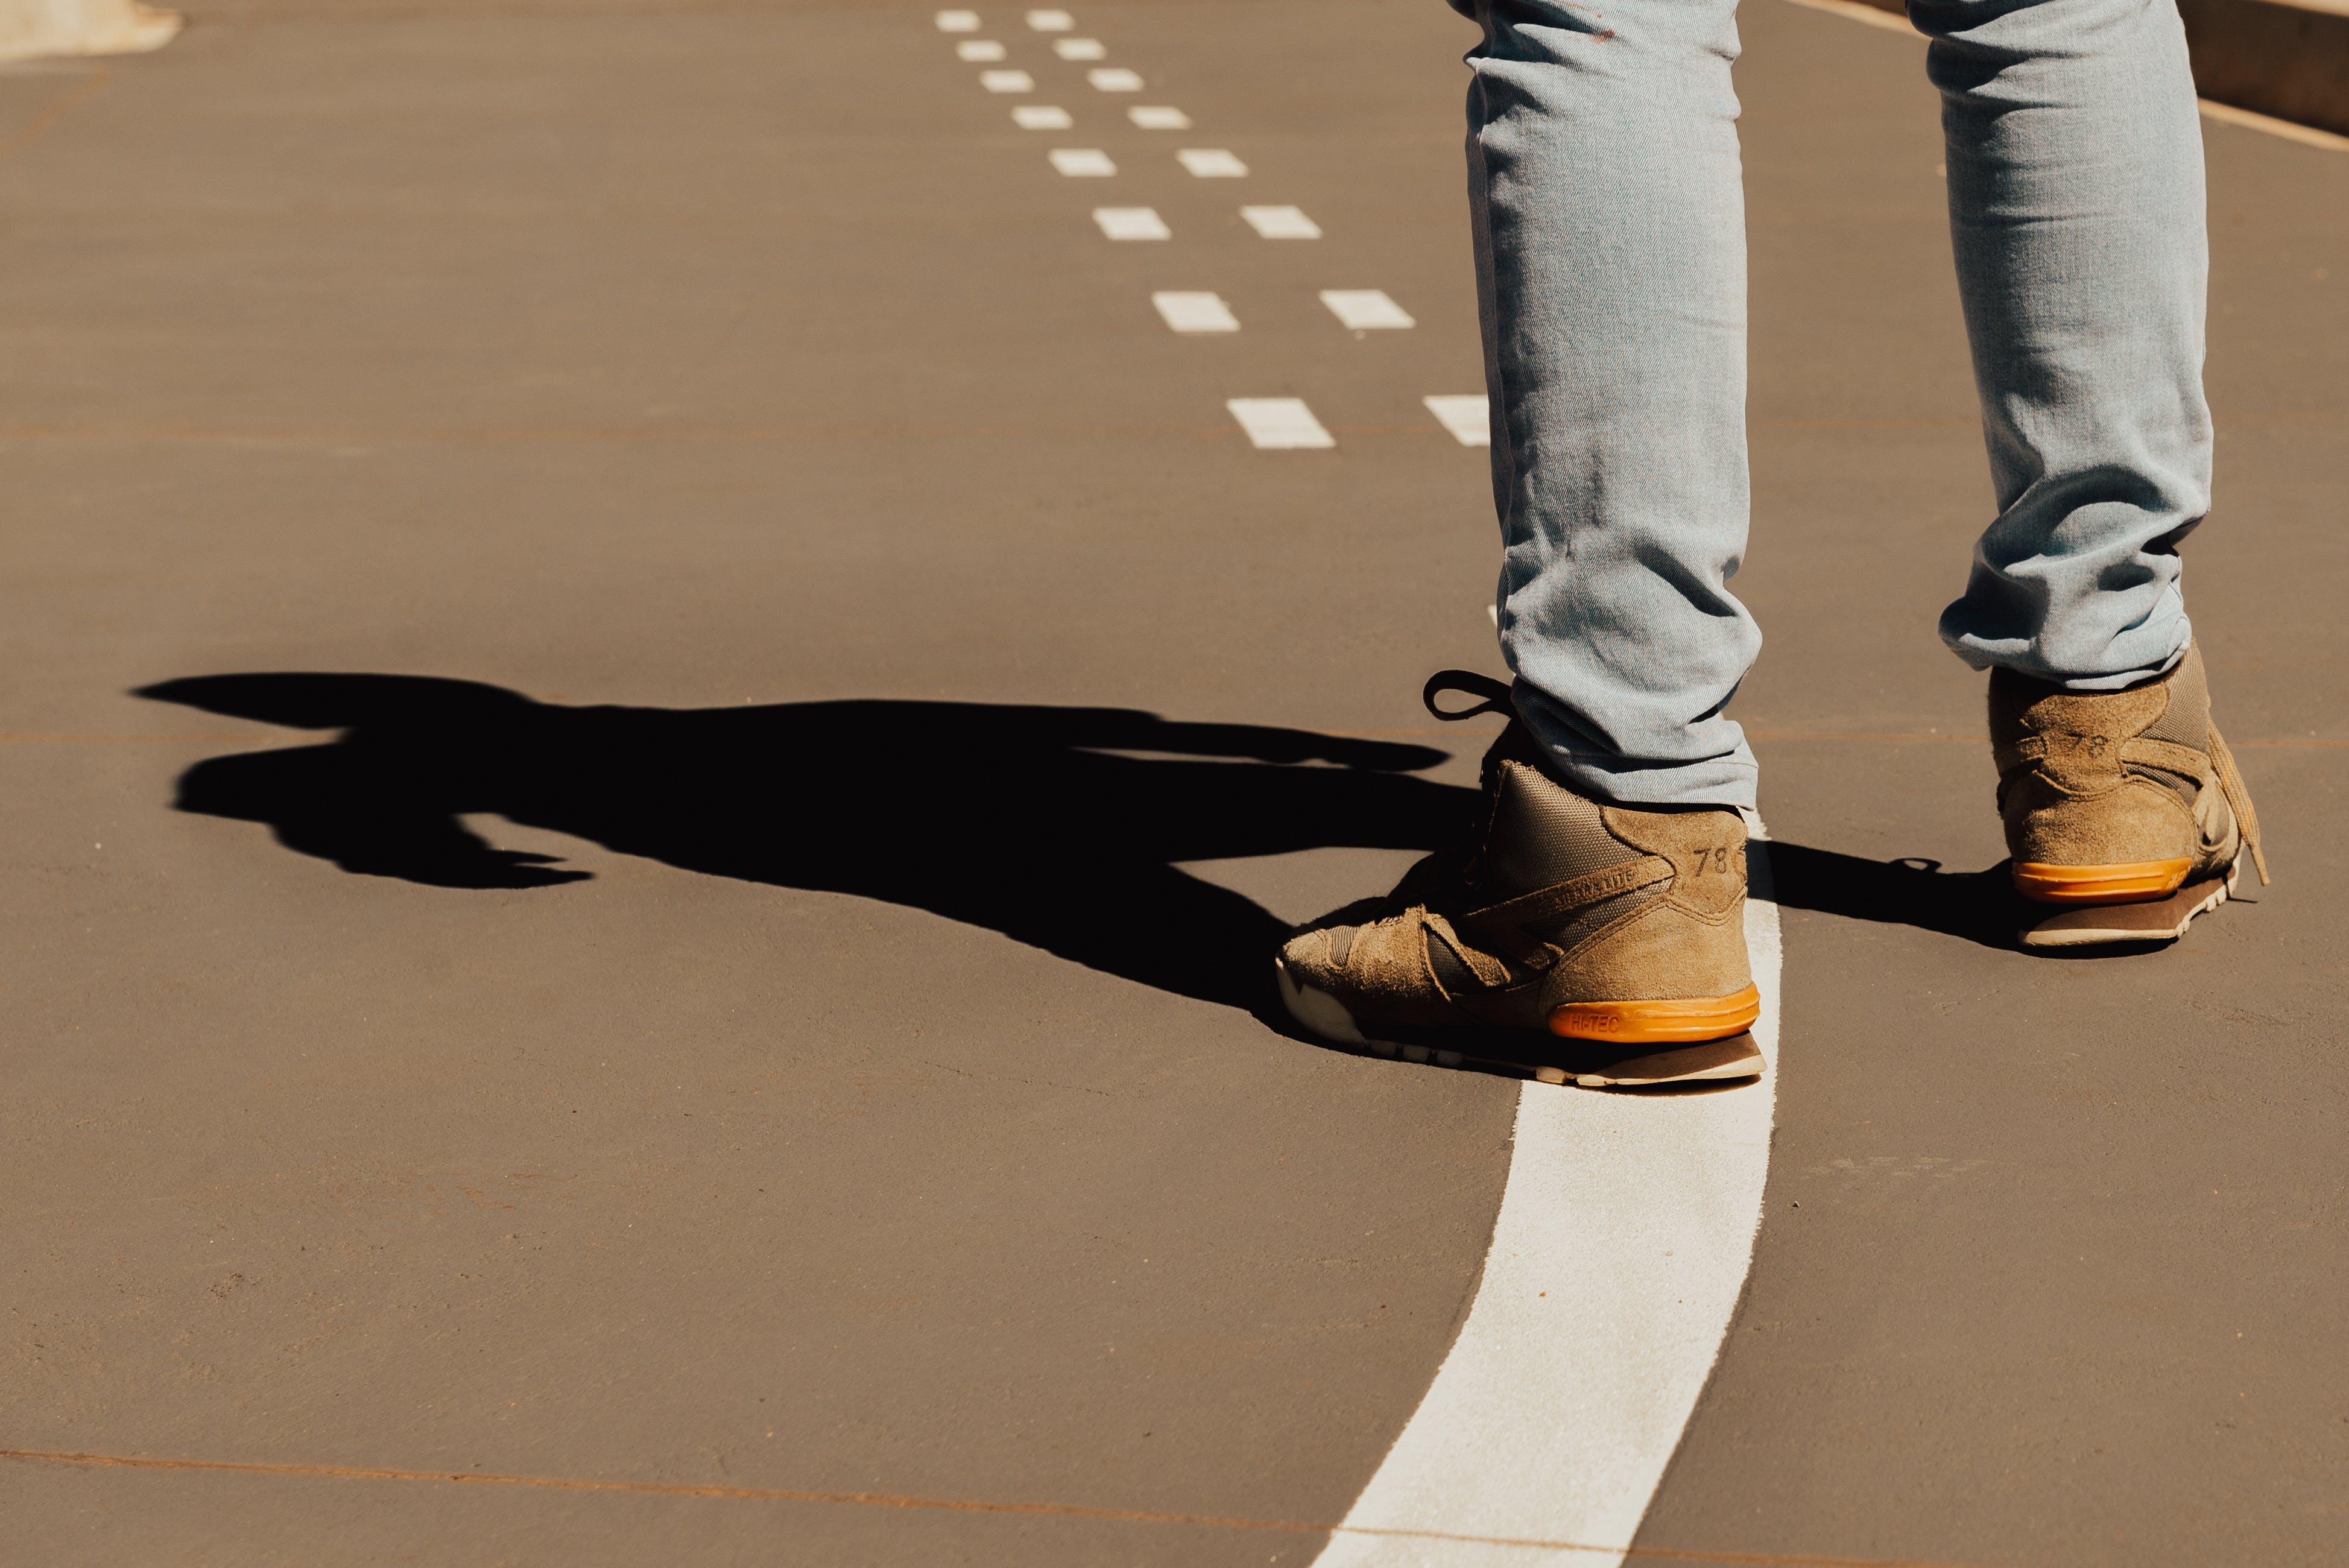 거리, 그림자, 남자, 레인의 무료 스톡 사진